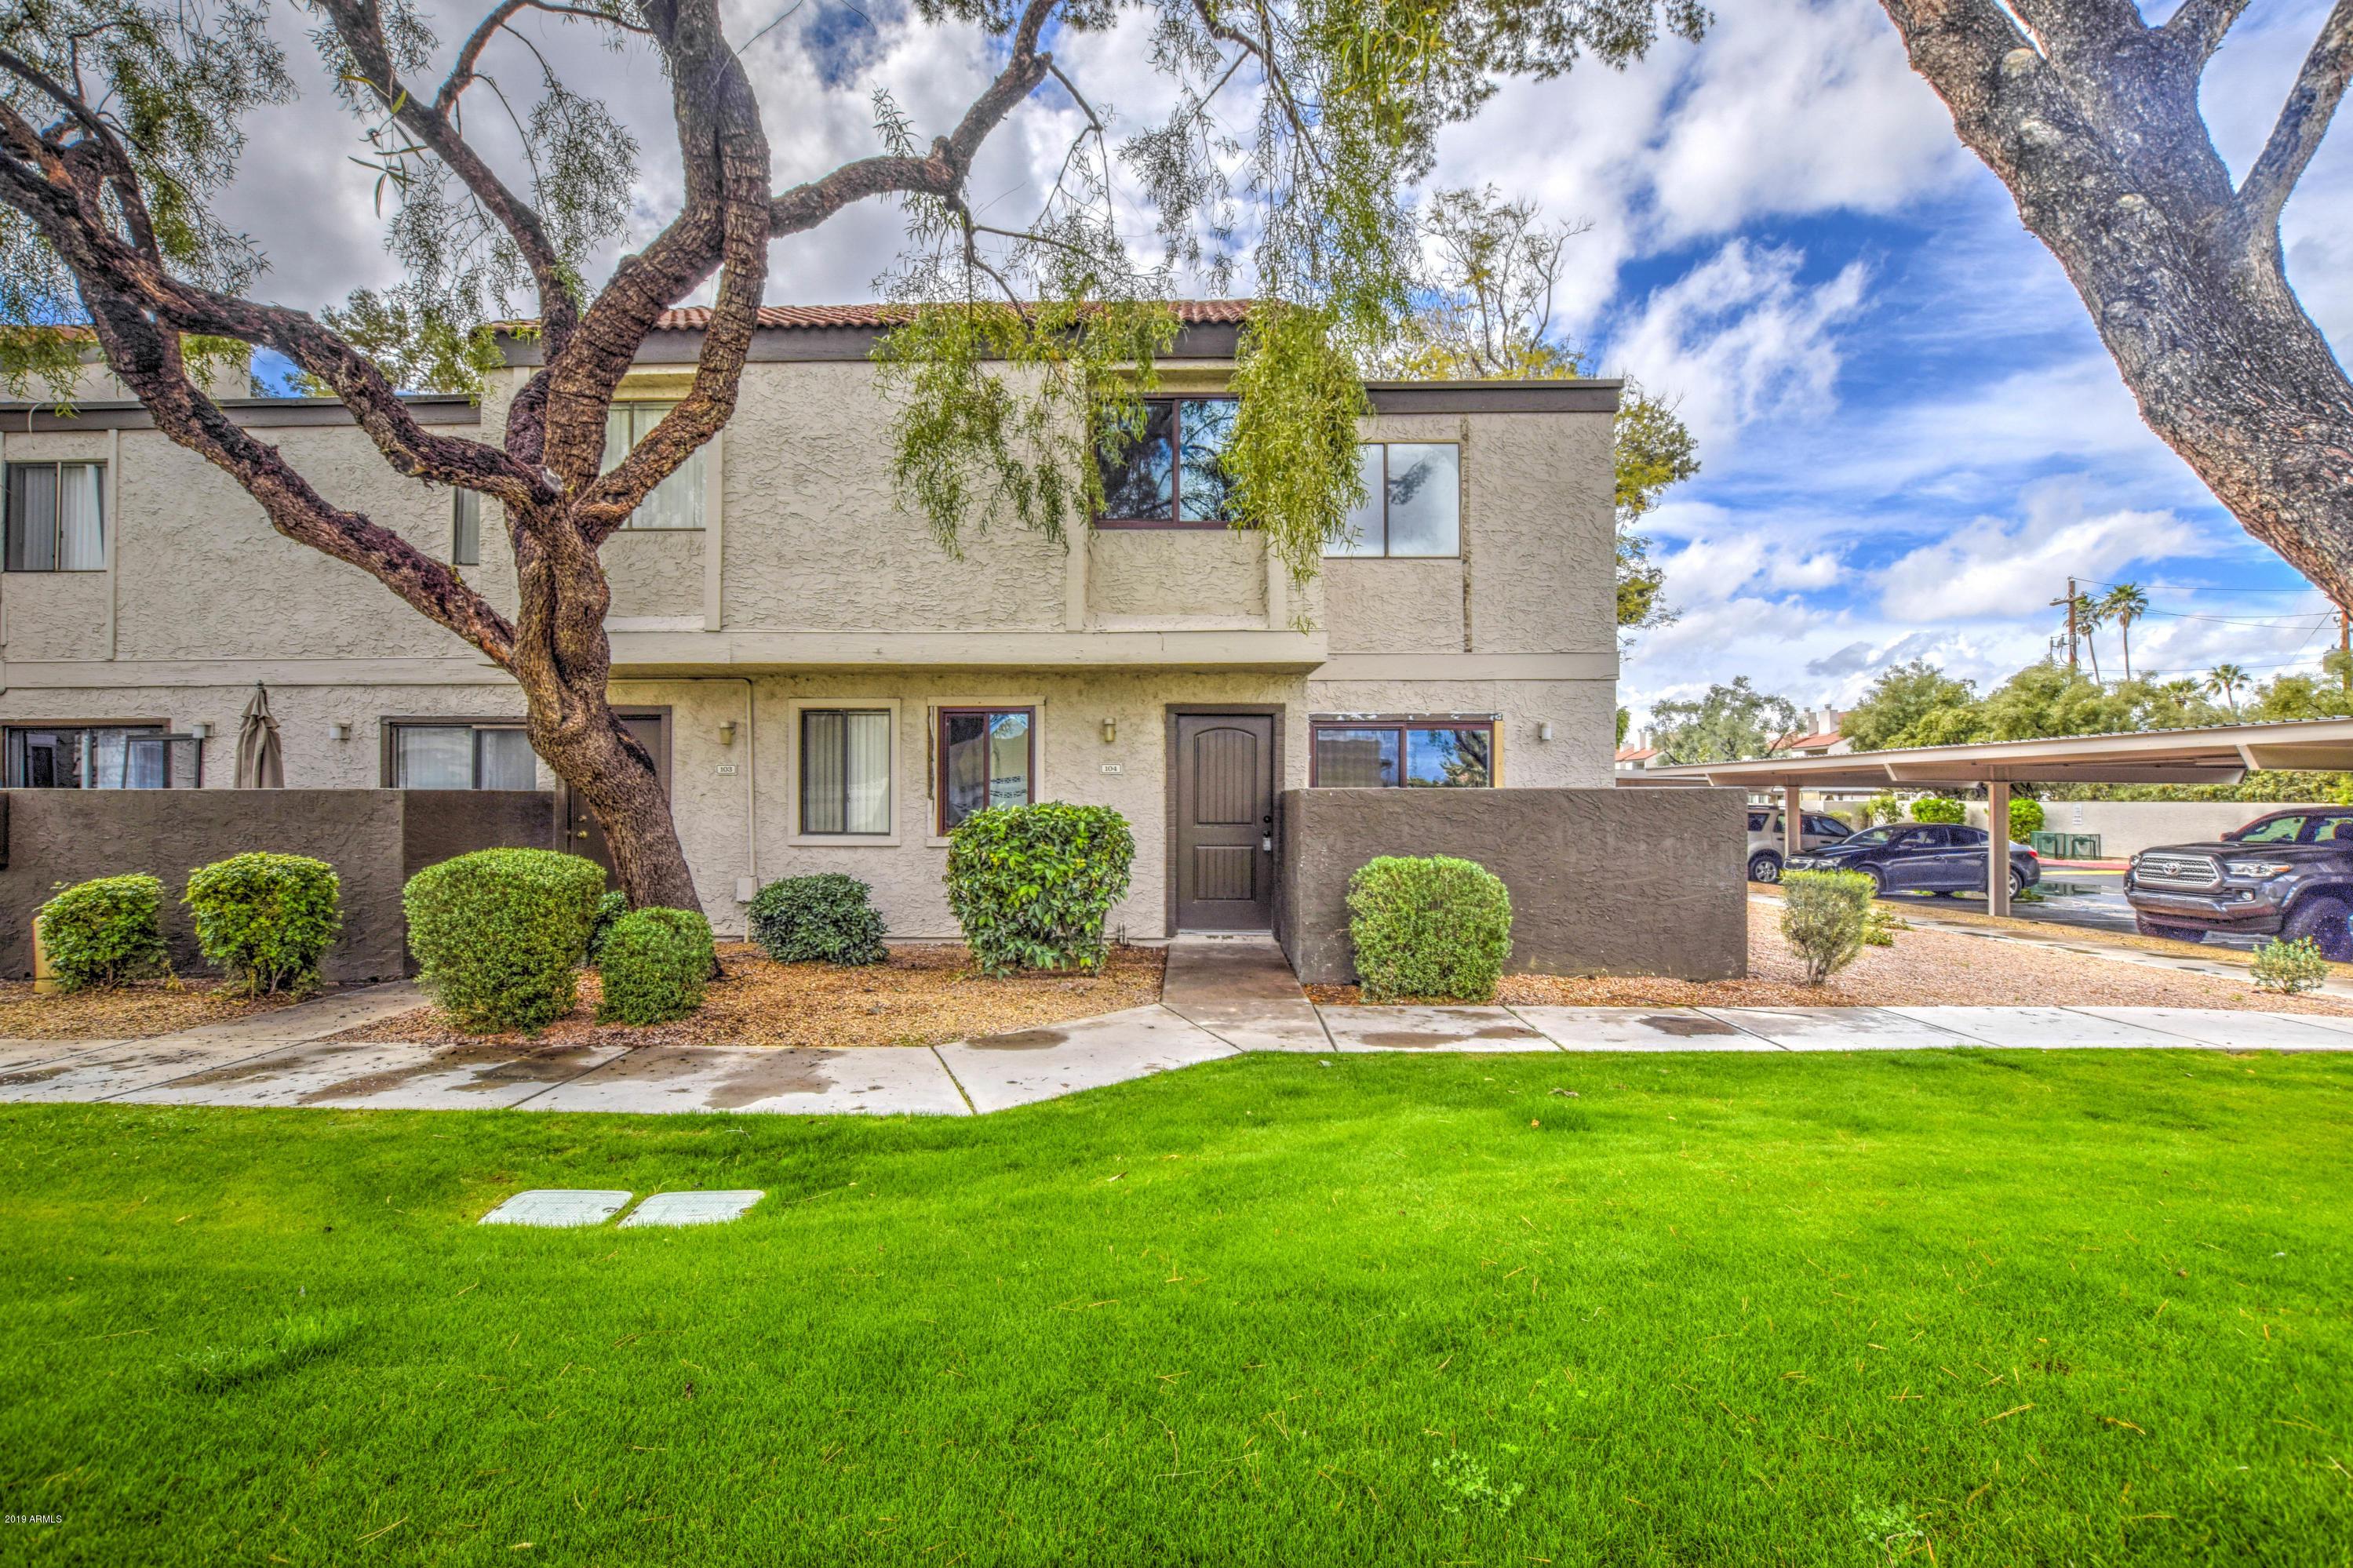 Photo of 2938 N 61ST Place #104, Scottsdale, AZ 85251